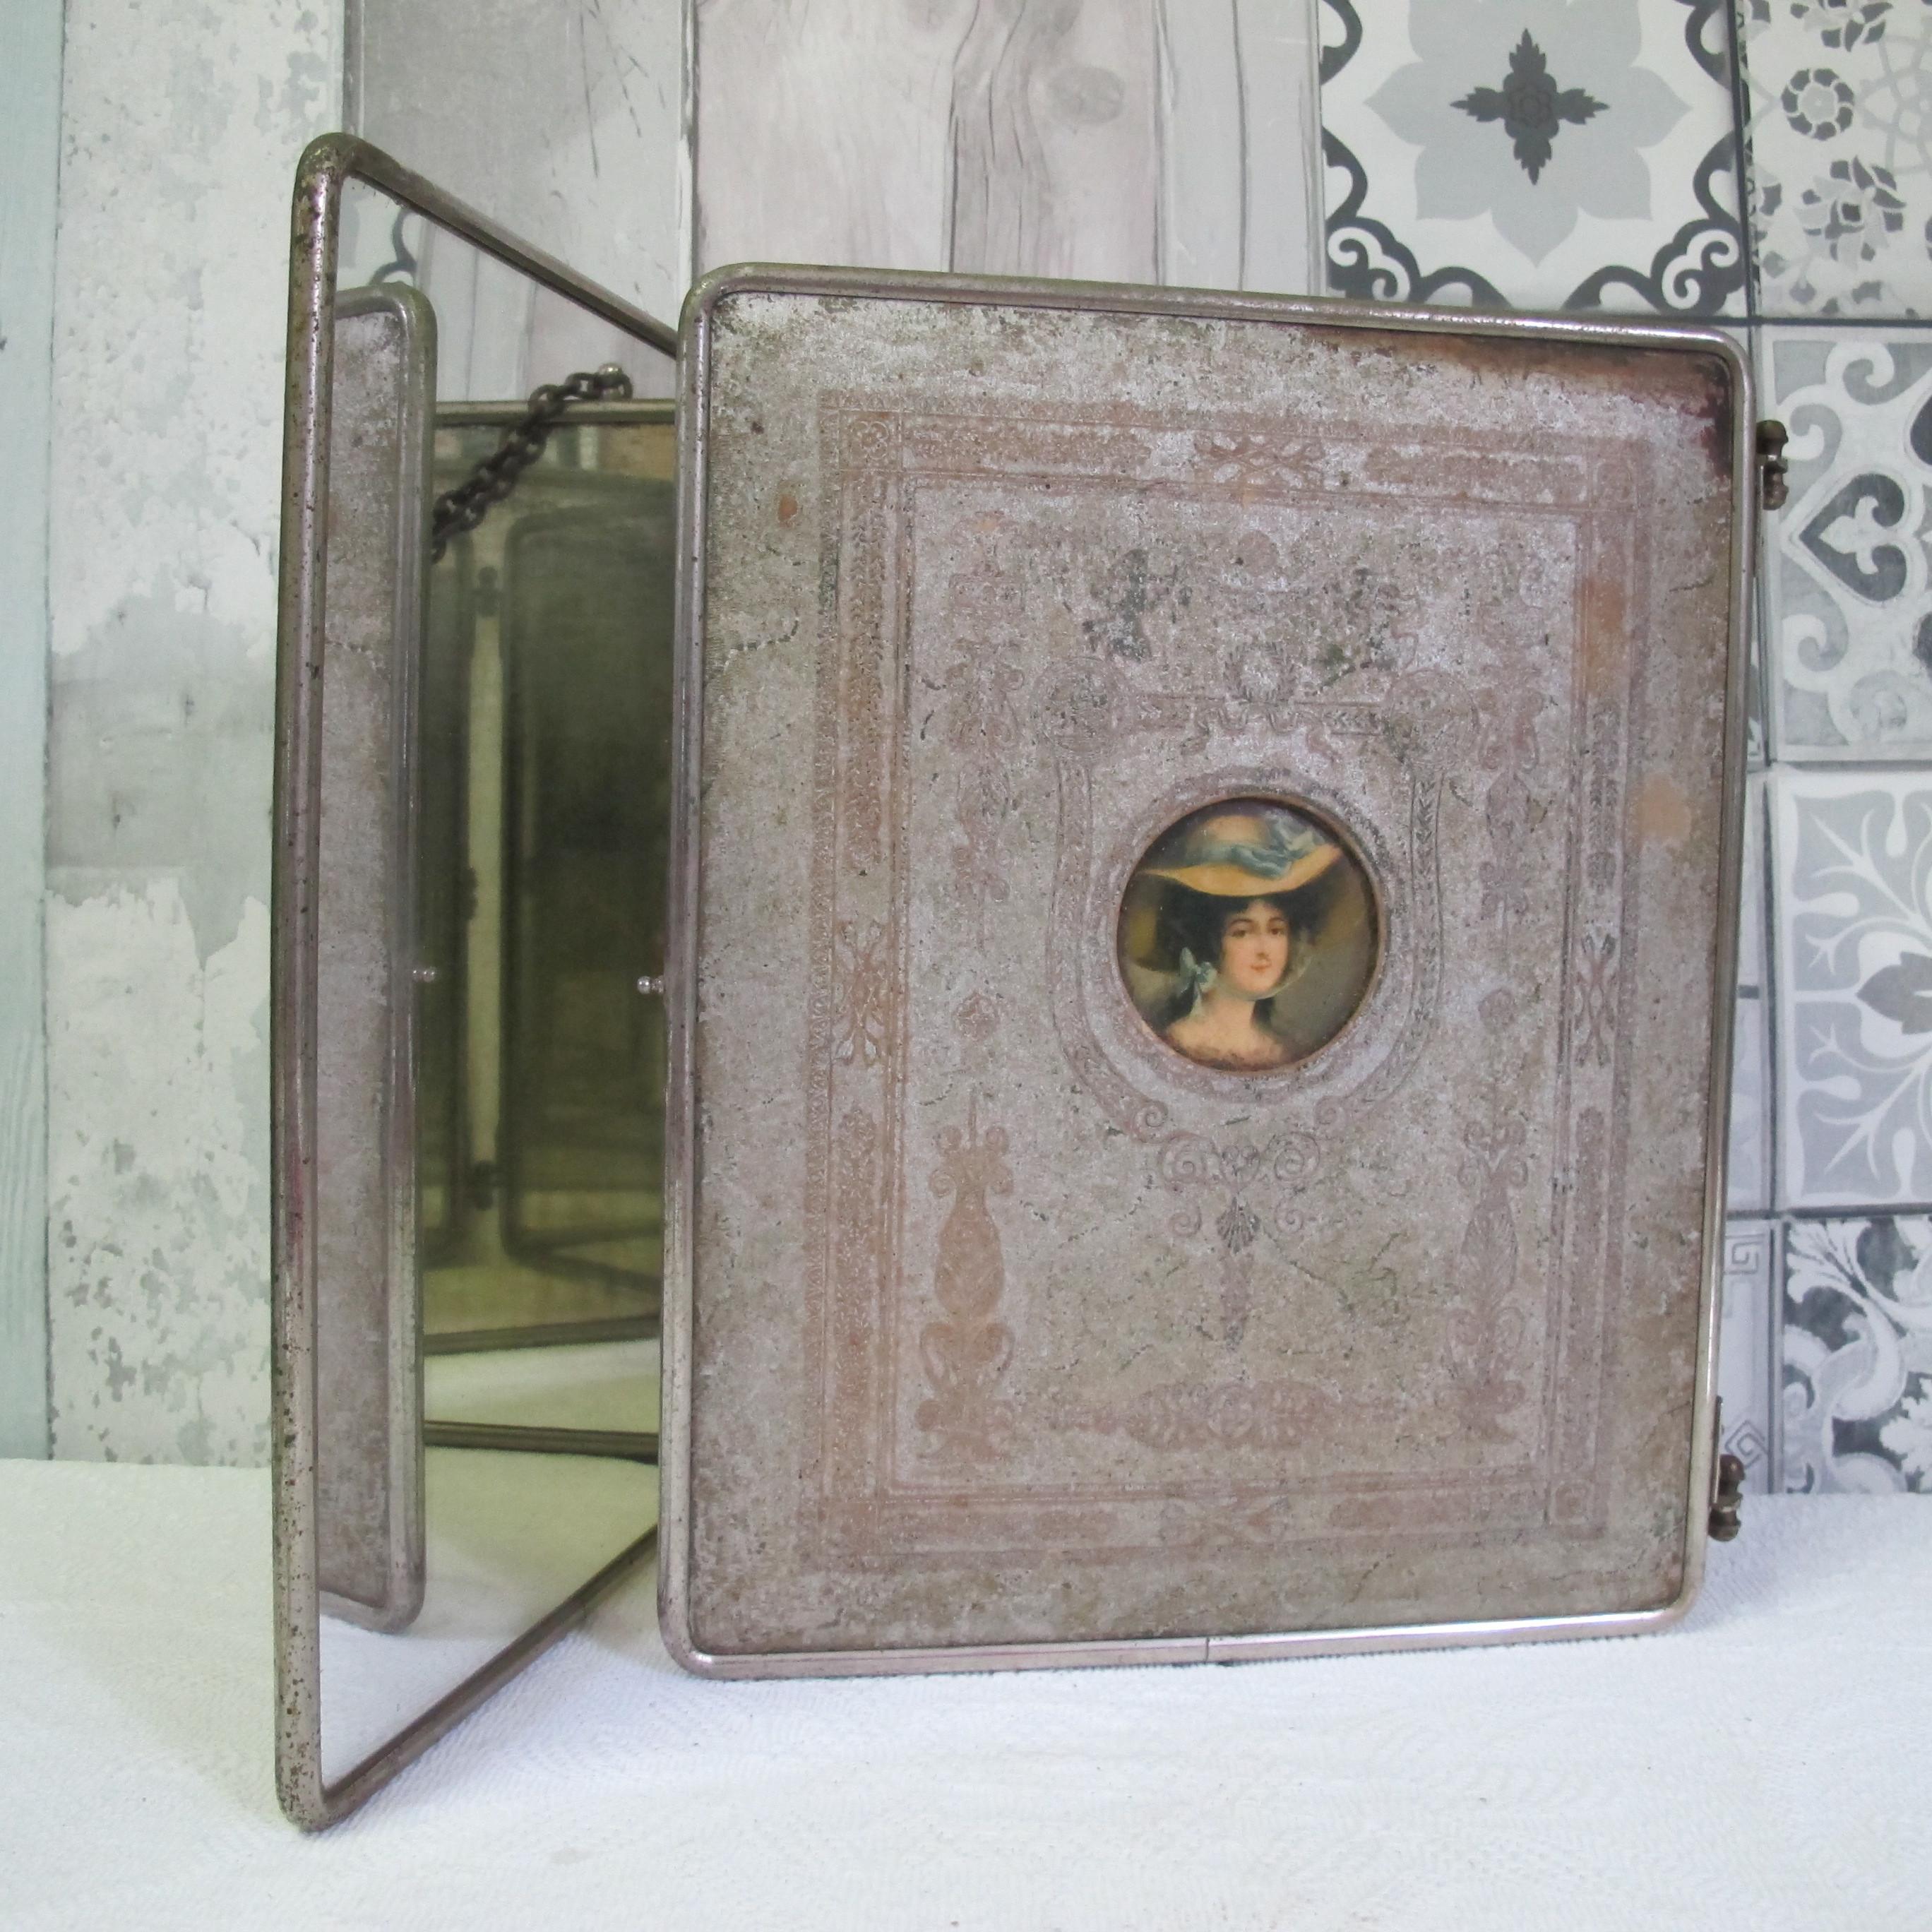 Miroir triptyque ancien miroir barbier vintage - Les Vieilles Choses